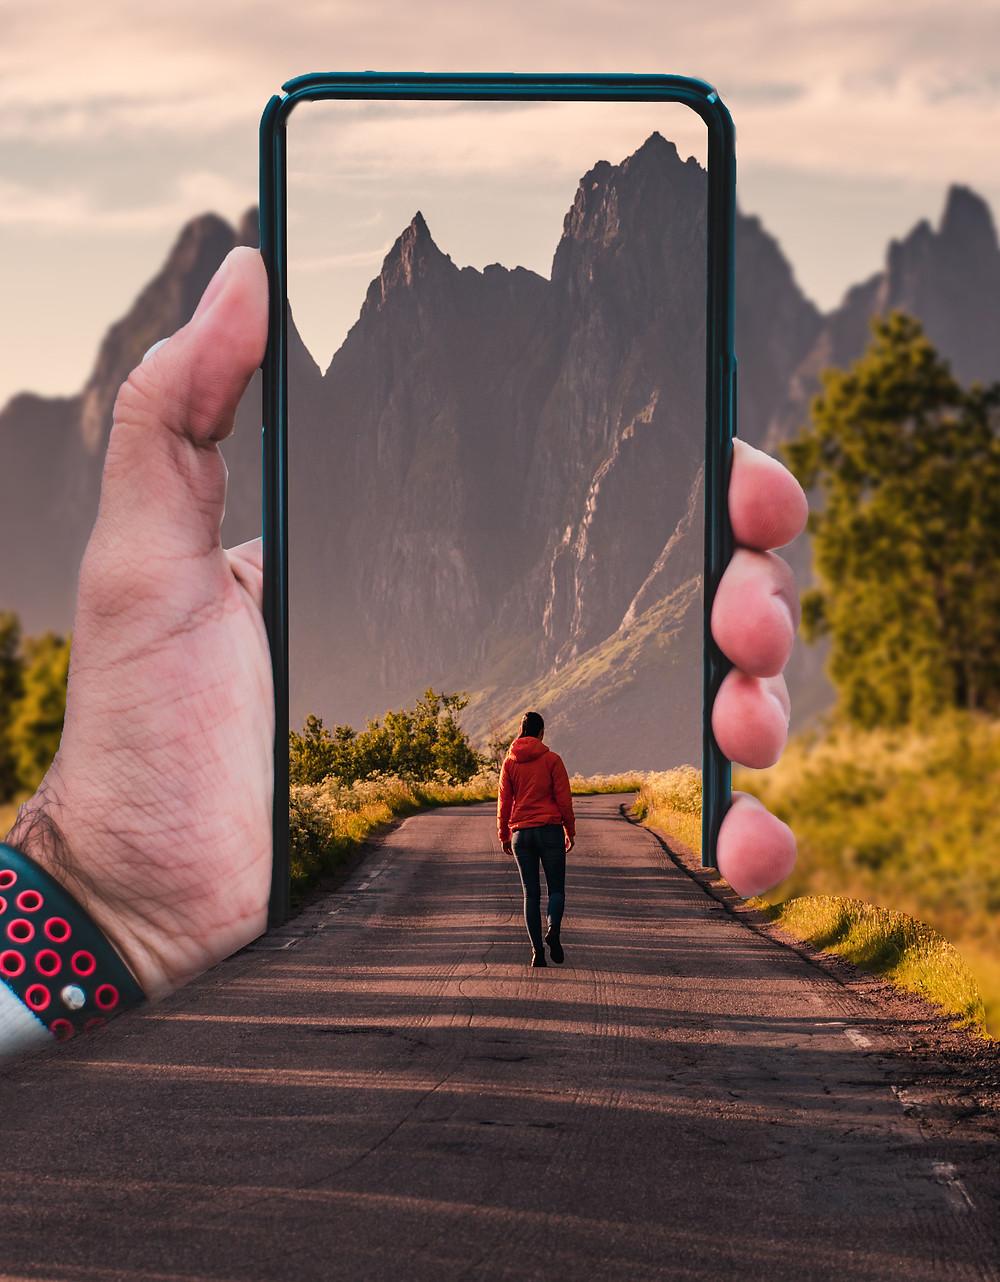 mobile 3d pop out effect photoshop